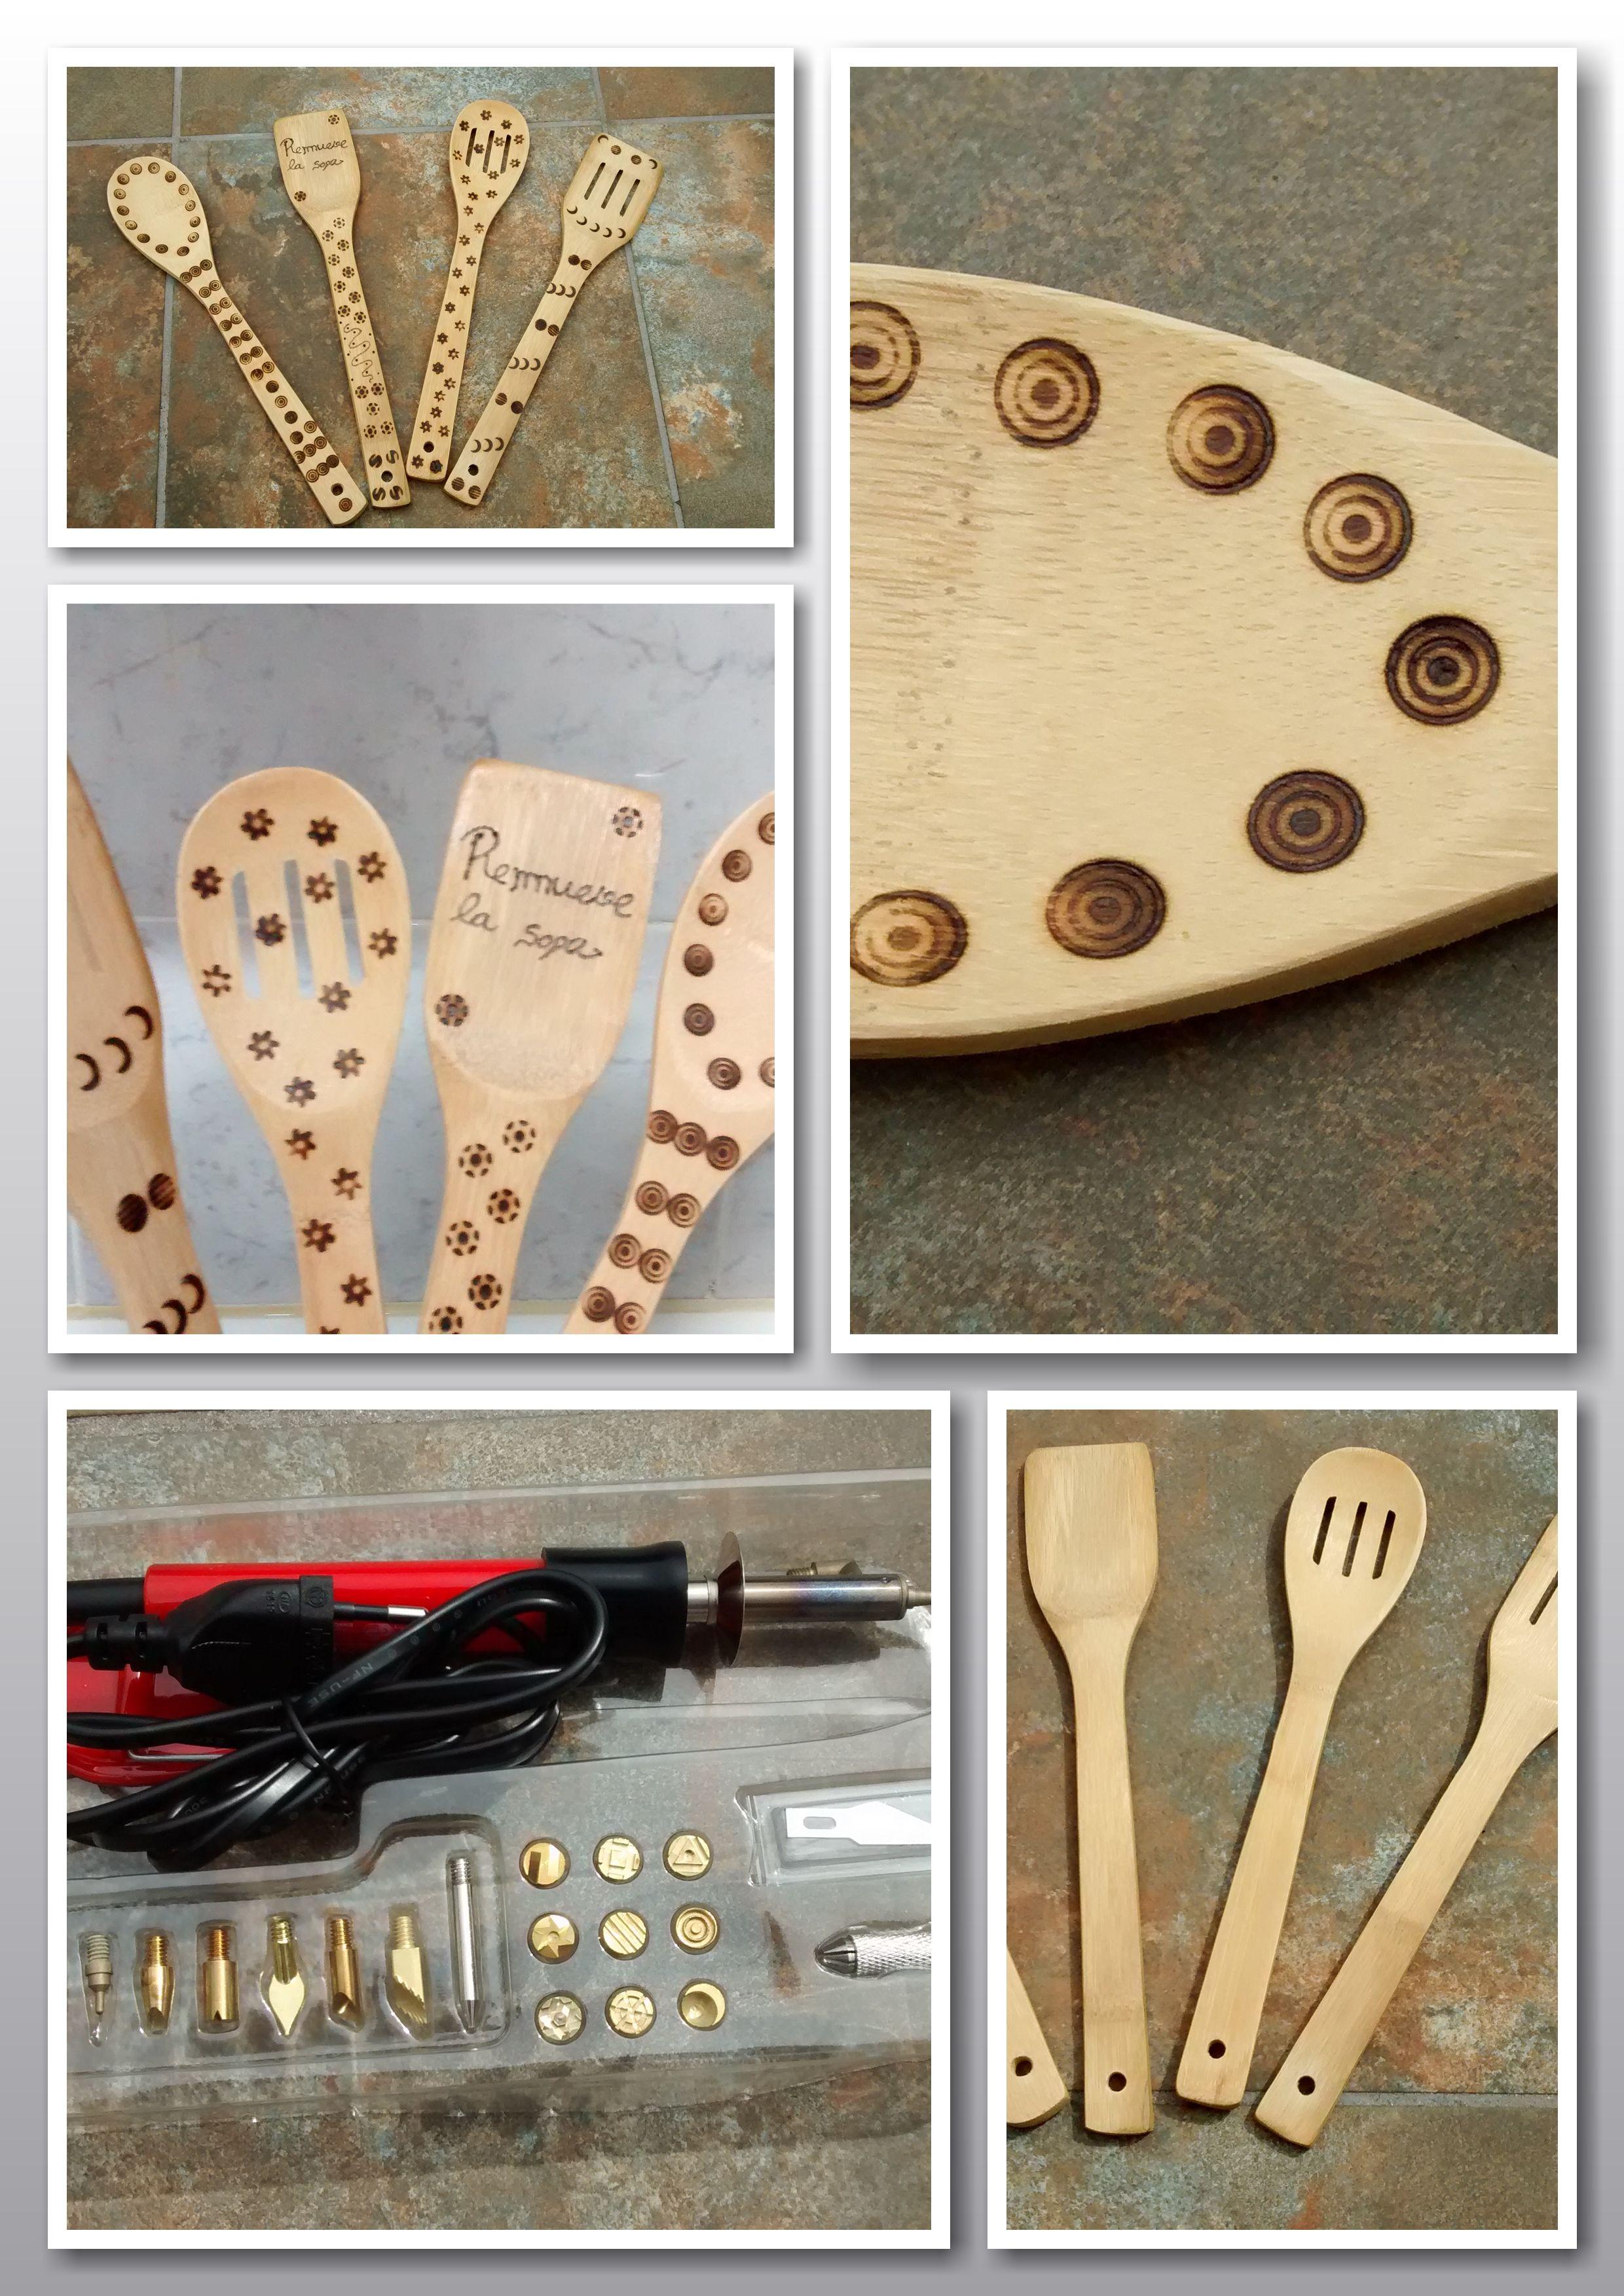 Cucharas de madera decoradas con pirógrafo a mano | Pirograbado ...